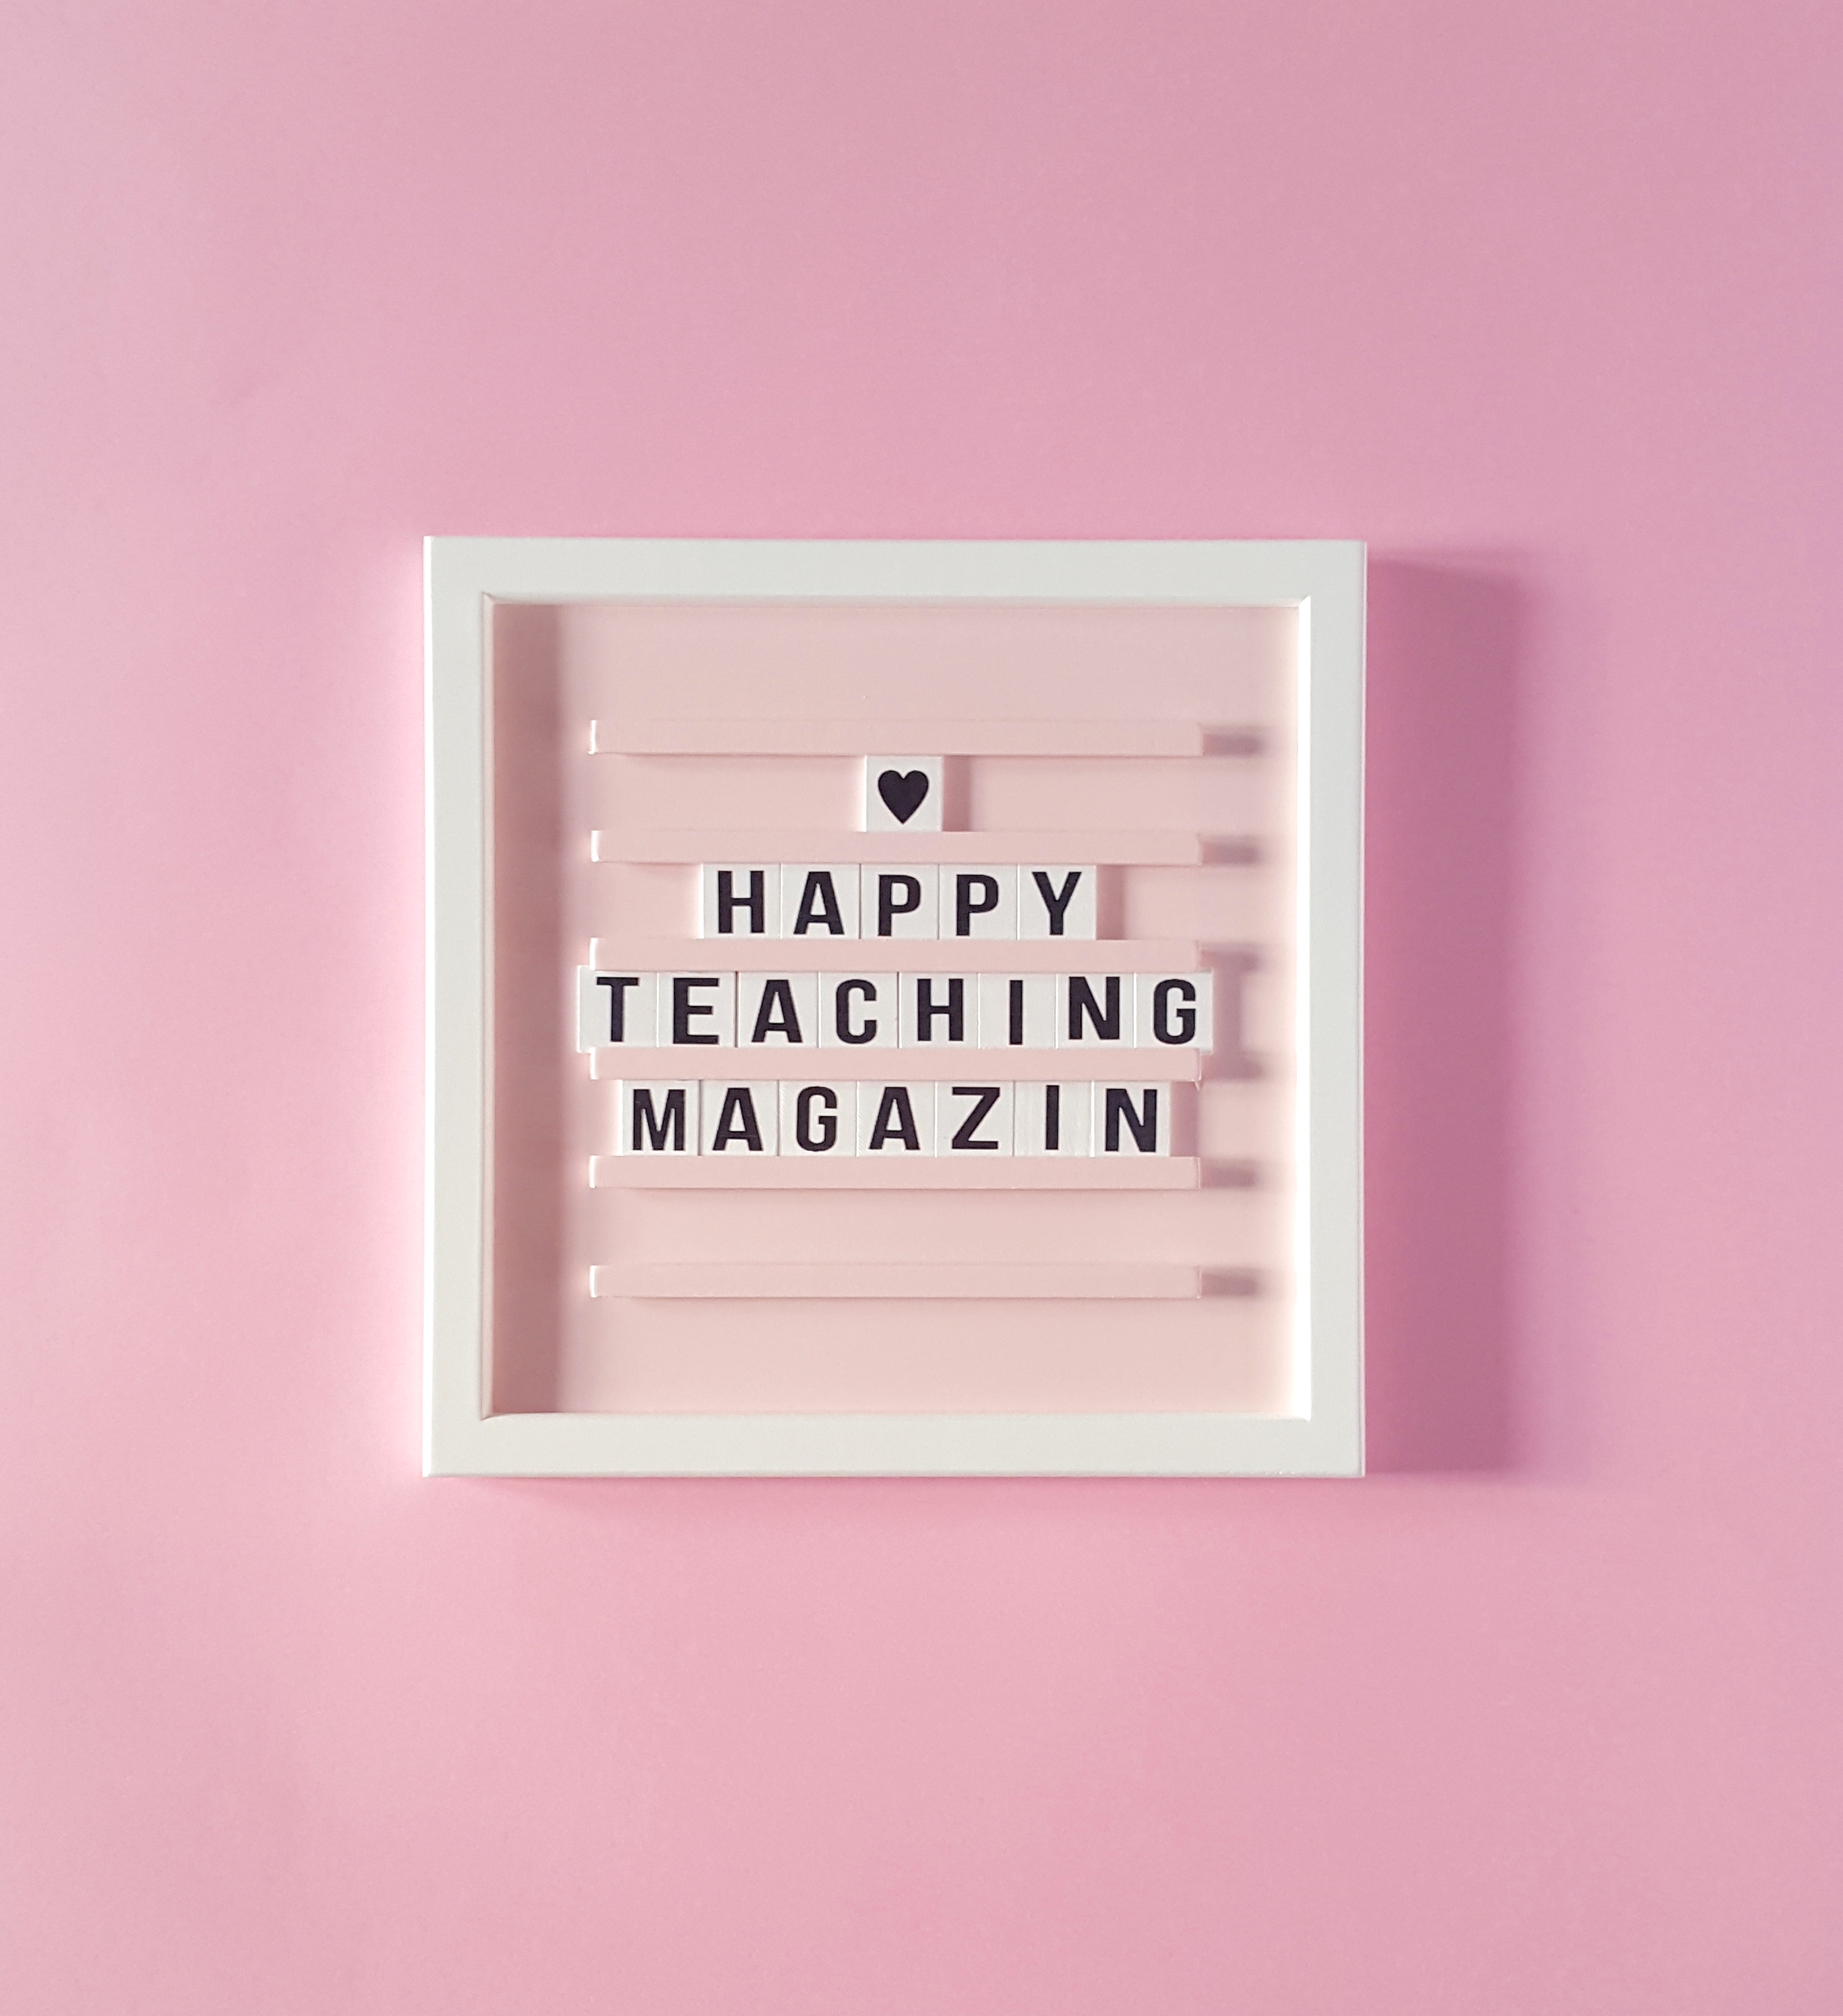 Lehrermagazin, Lehrerheft, Lehrerinfos, Lehrergeschenk, Lehrerzeitschrift, Lehrerschrift, Happy Teaching Magazin